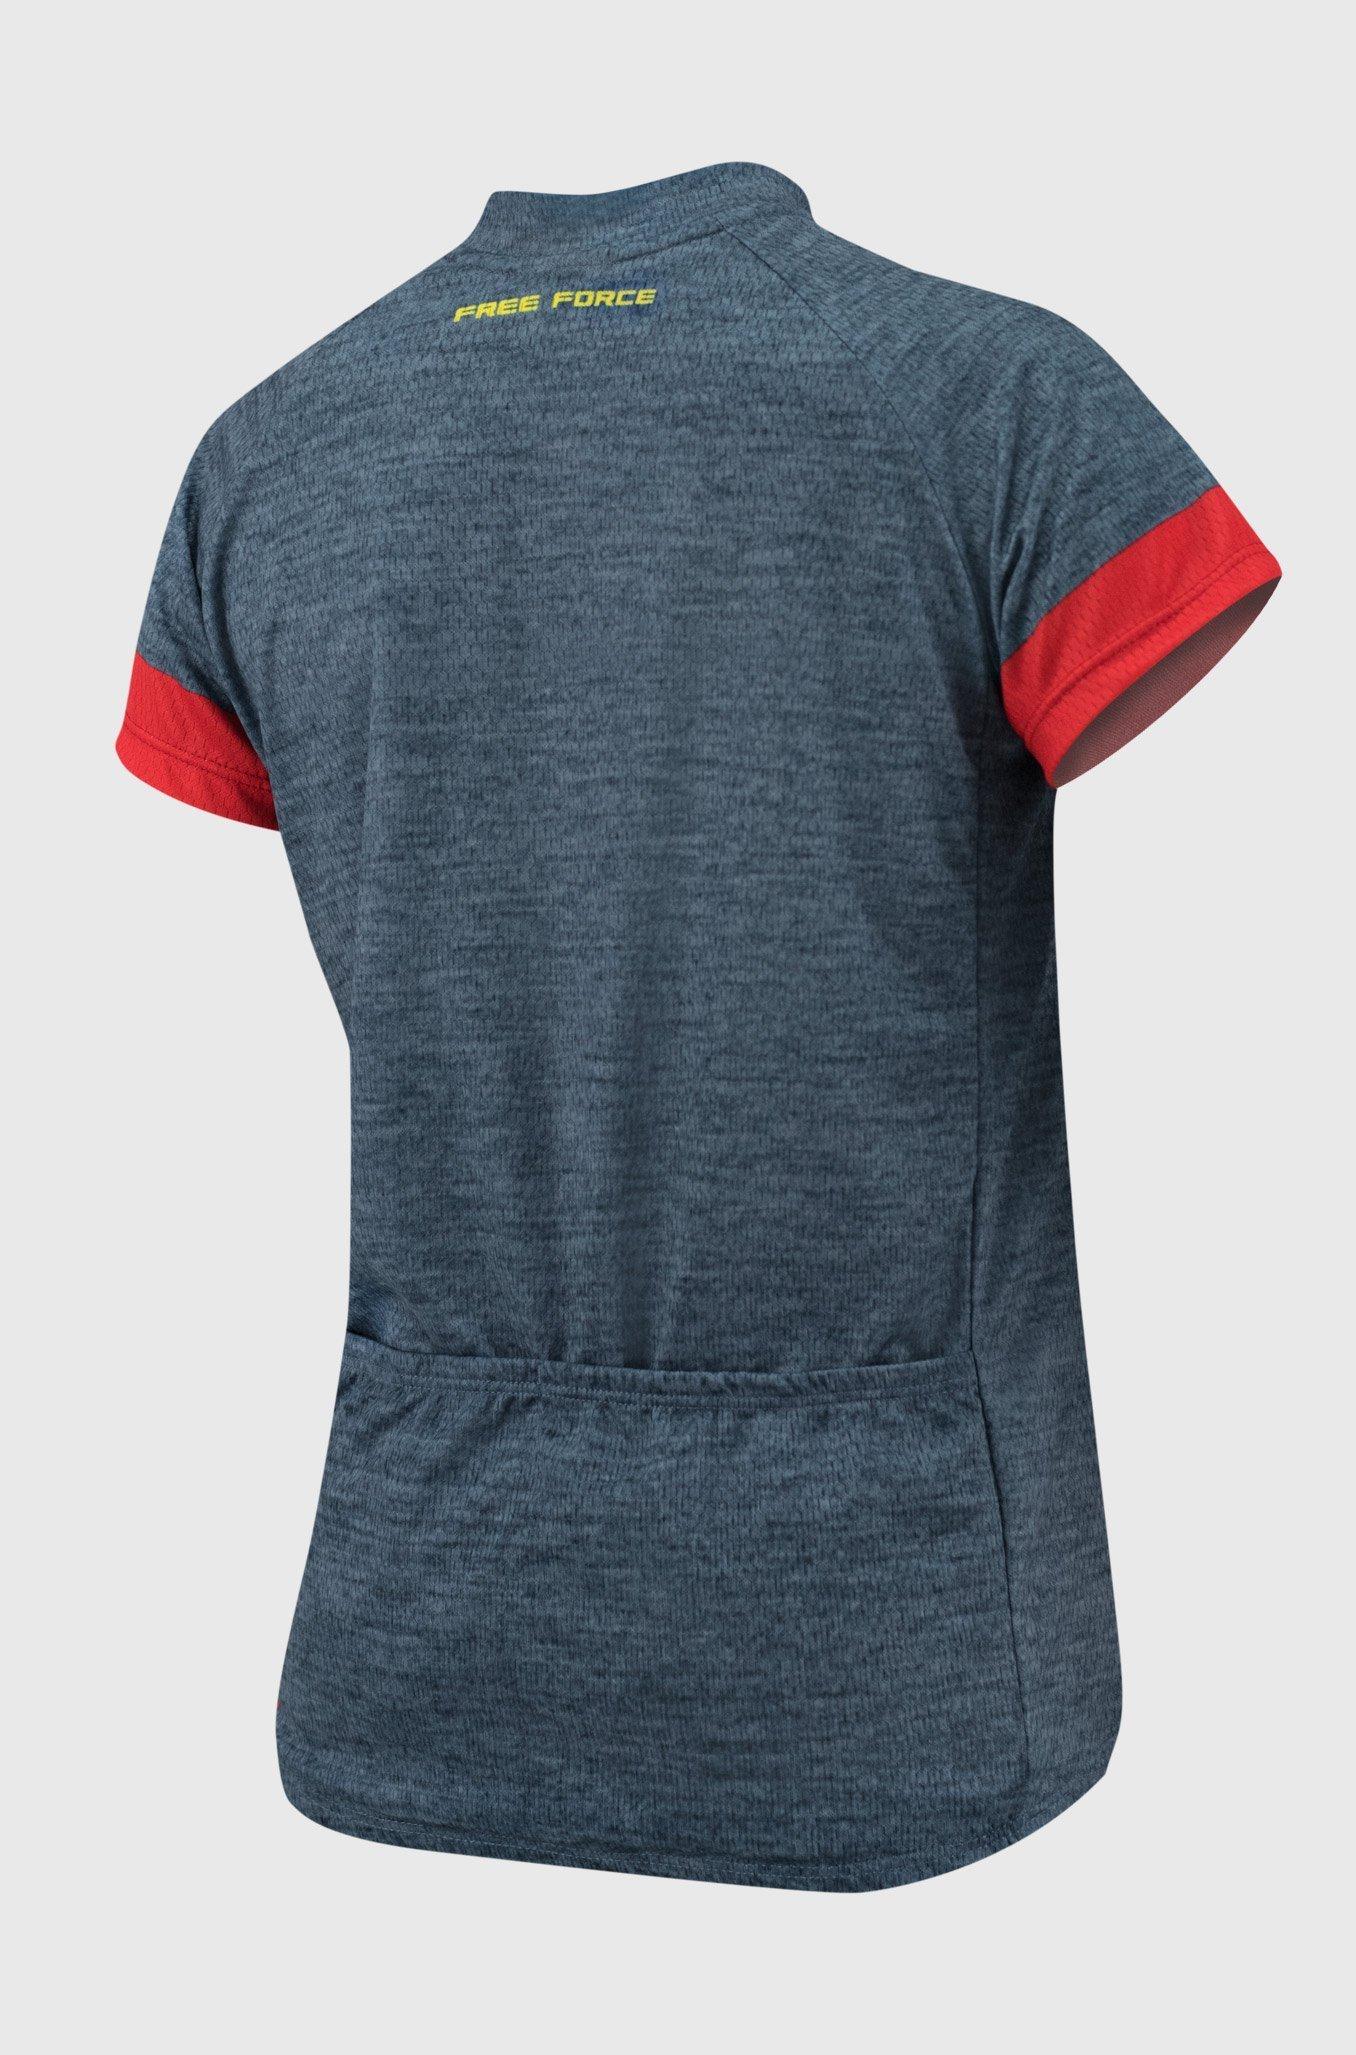 Camisa Free Force Infantil SunShine